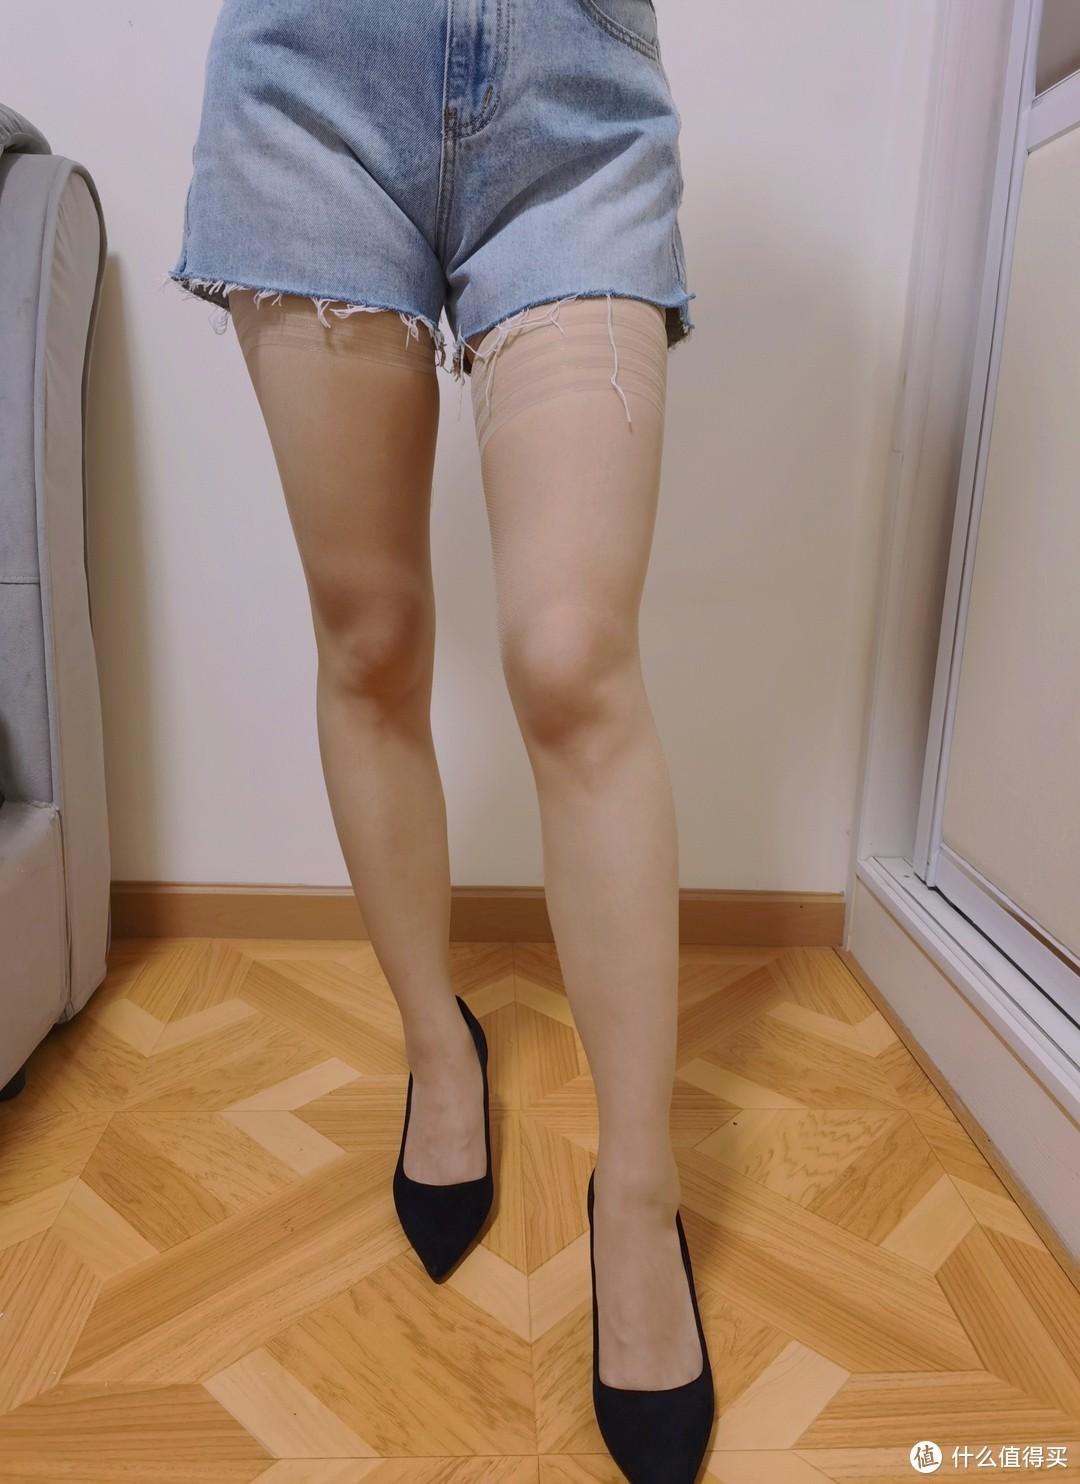 7款丝袜真人试穿,看看哪款美腿、显瘦、不勾丝